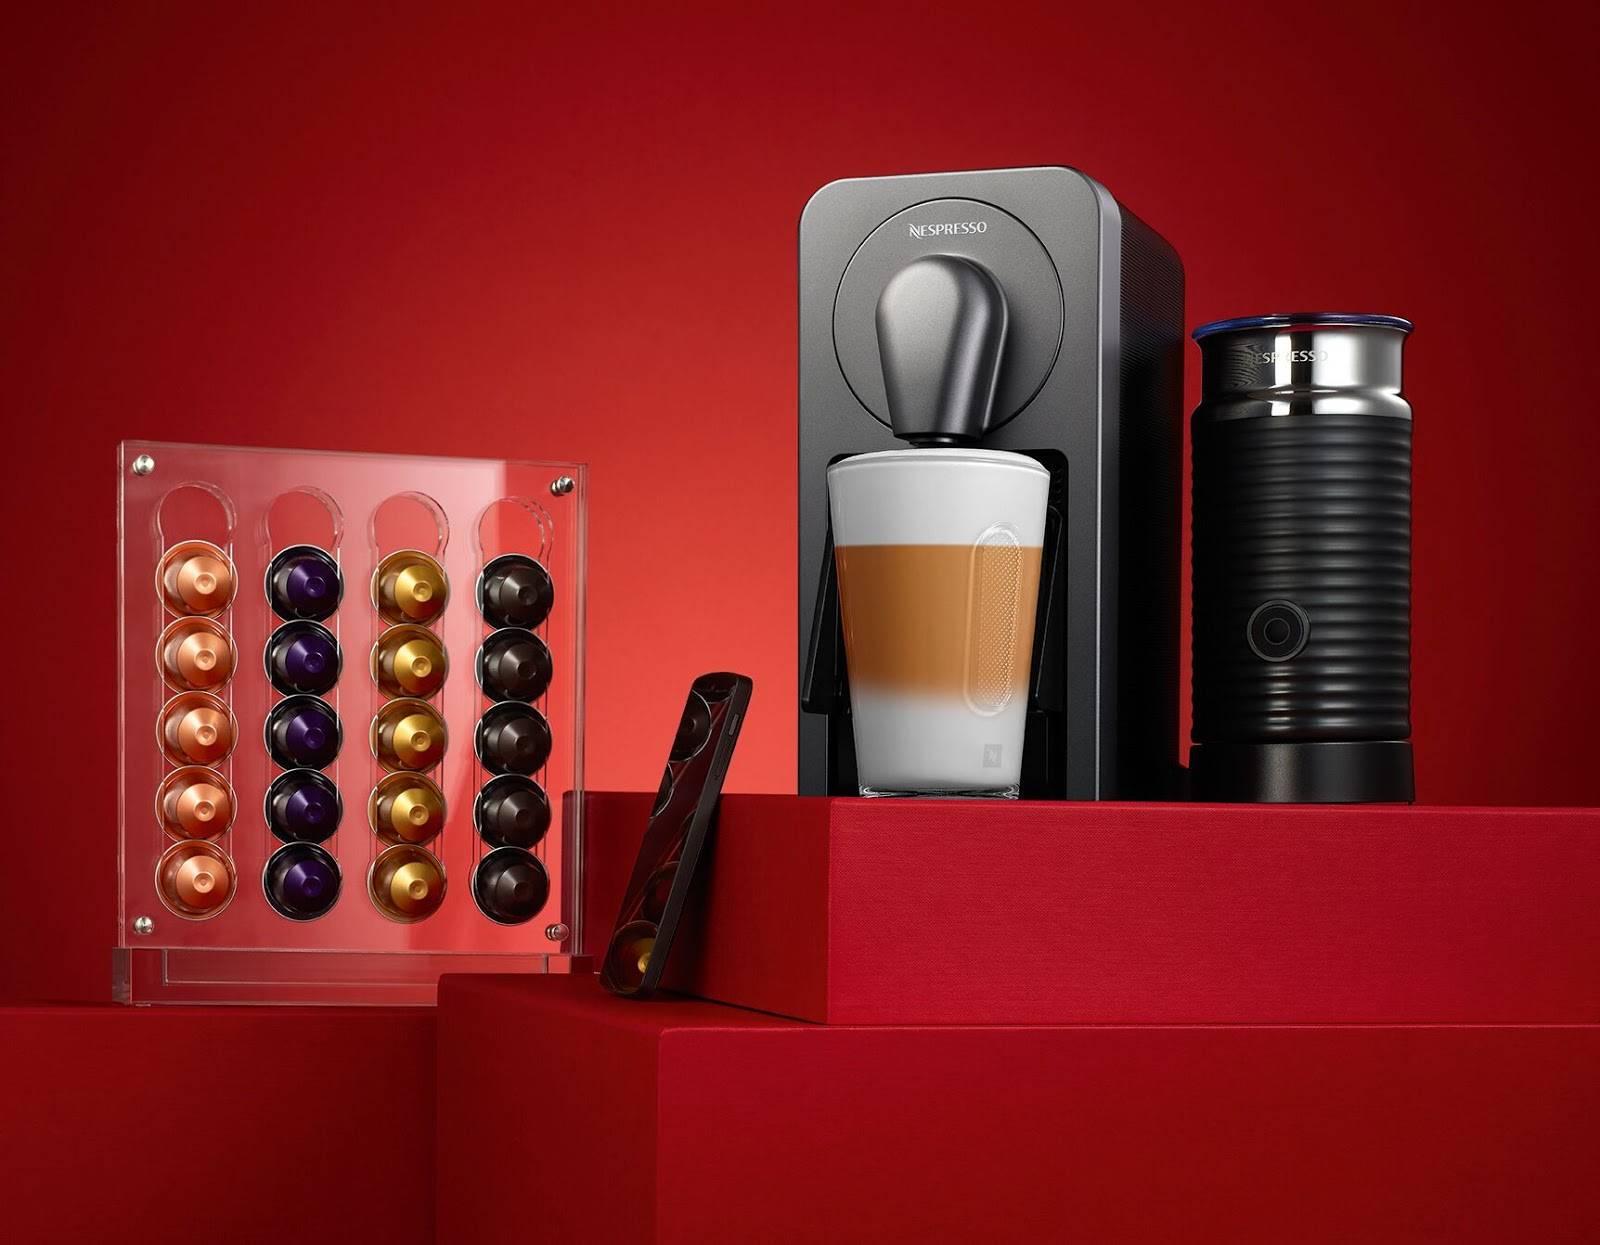 Кофе неспрессо (nespresso): описание, история, виды марки